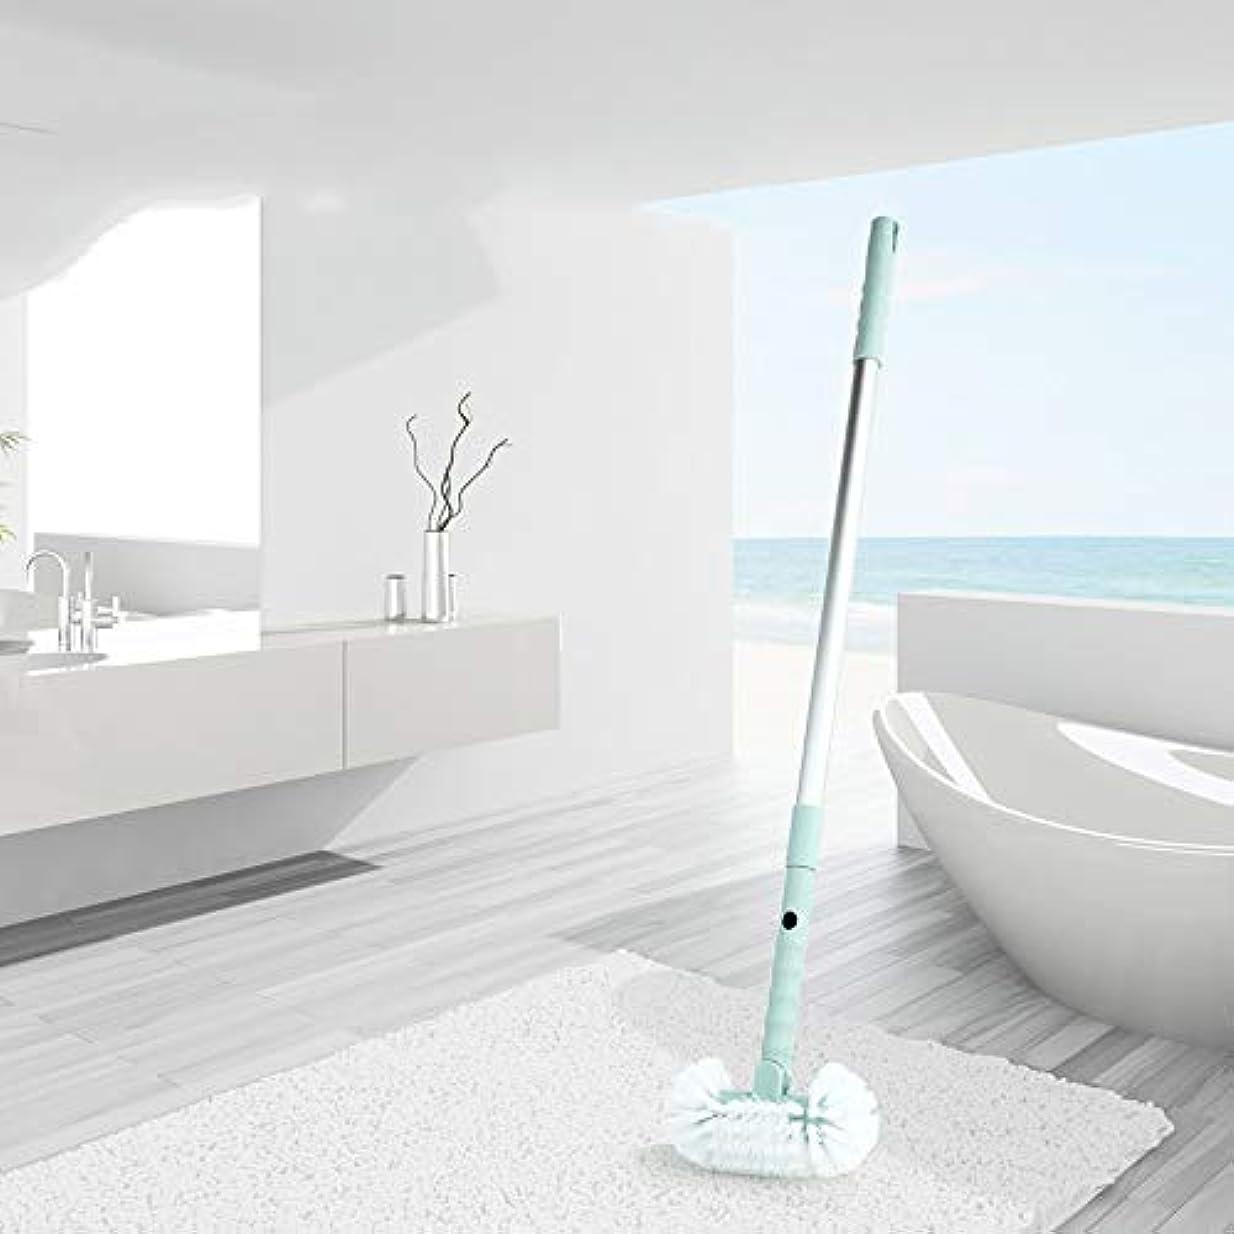 お誕生日セーブ拷問ポアクリーニング ホームバスルーム引き戻し可能なハードブラシトイレ浴室バスタブフロアクリーニングブラシ マッサージブラシ